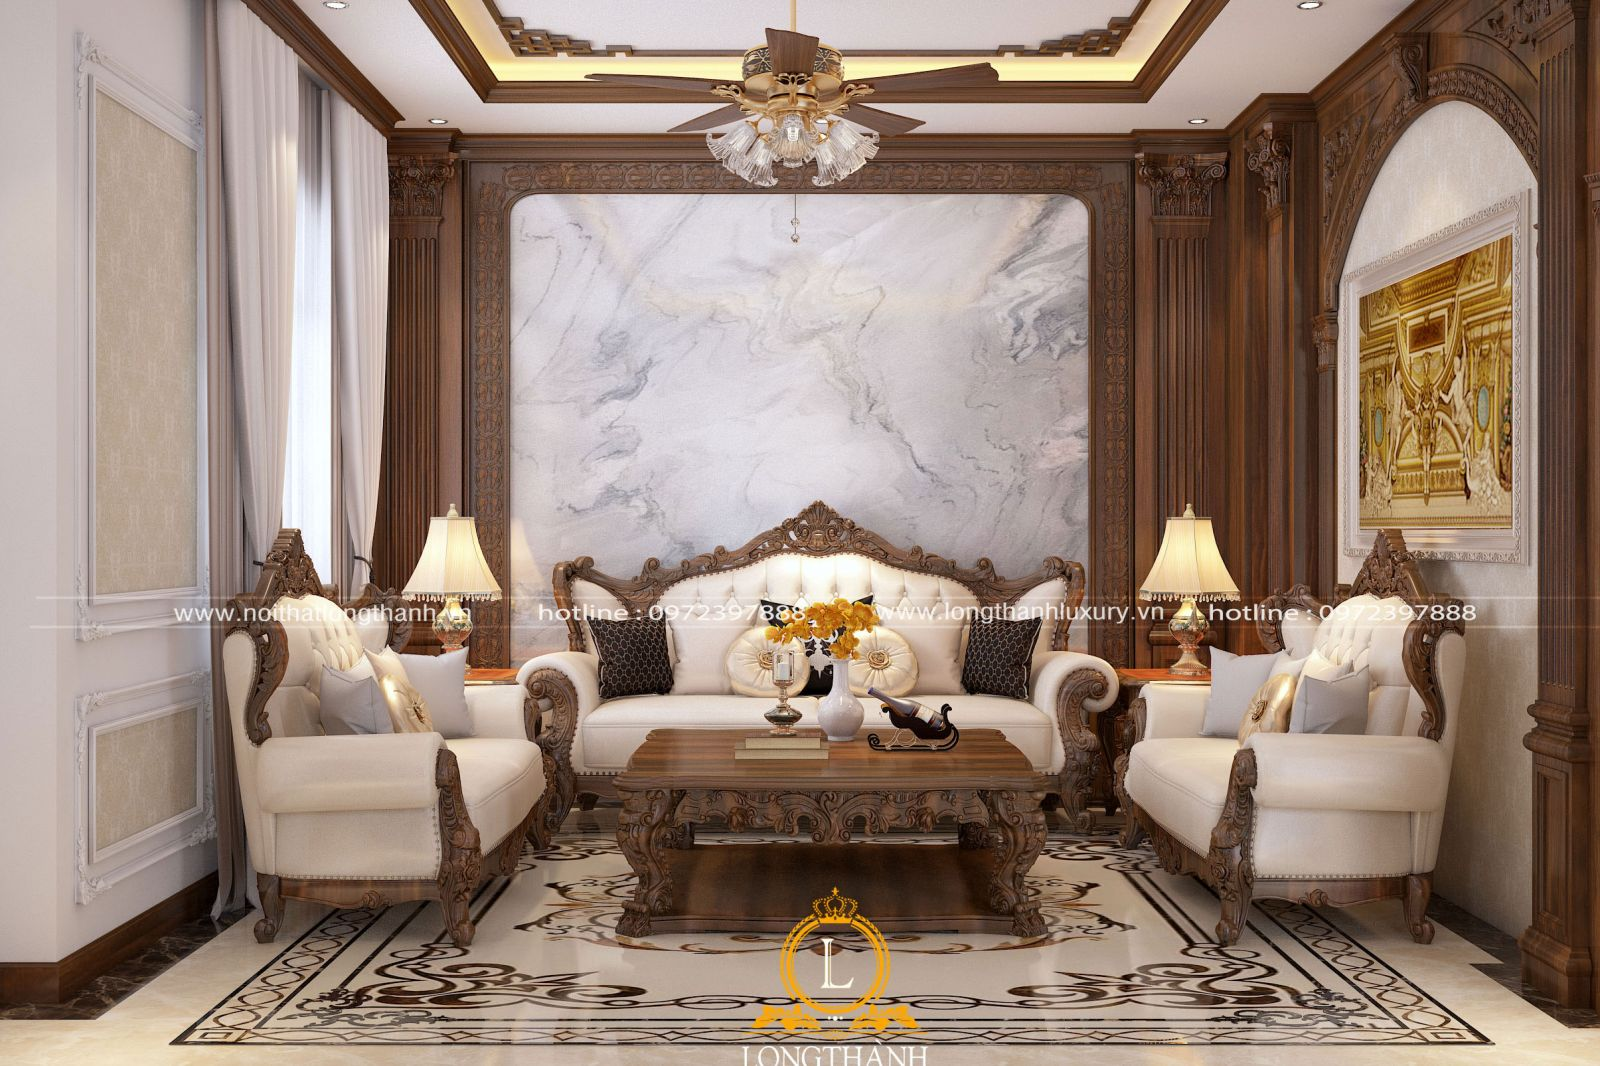 Thiết kế nội thất biệt thự liền kề với phong cách tân cổ điển sang trạng